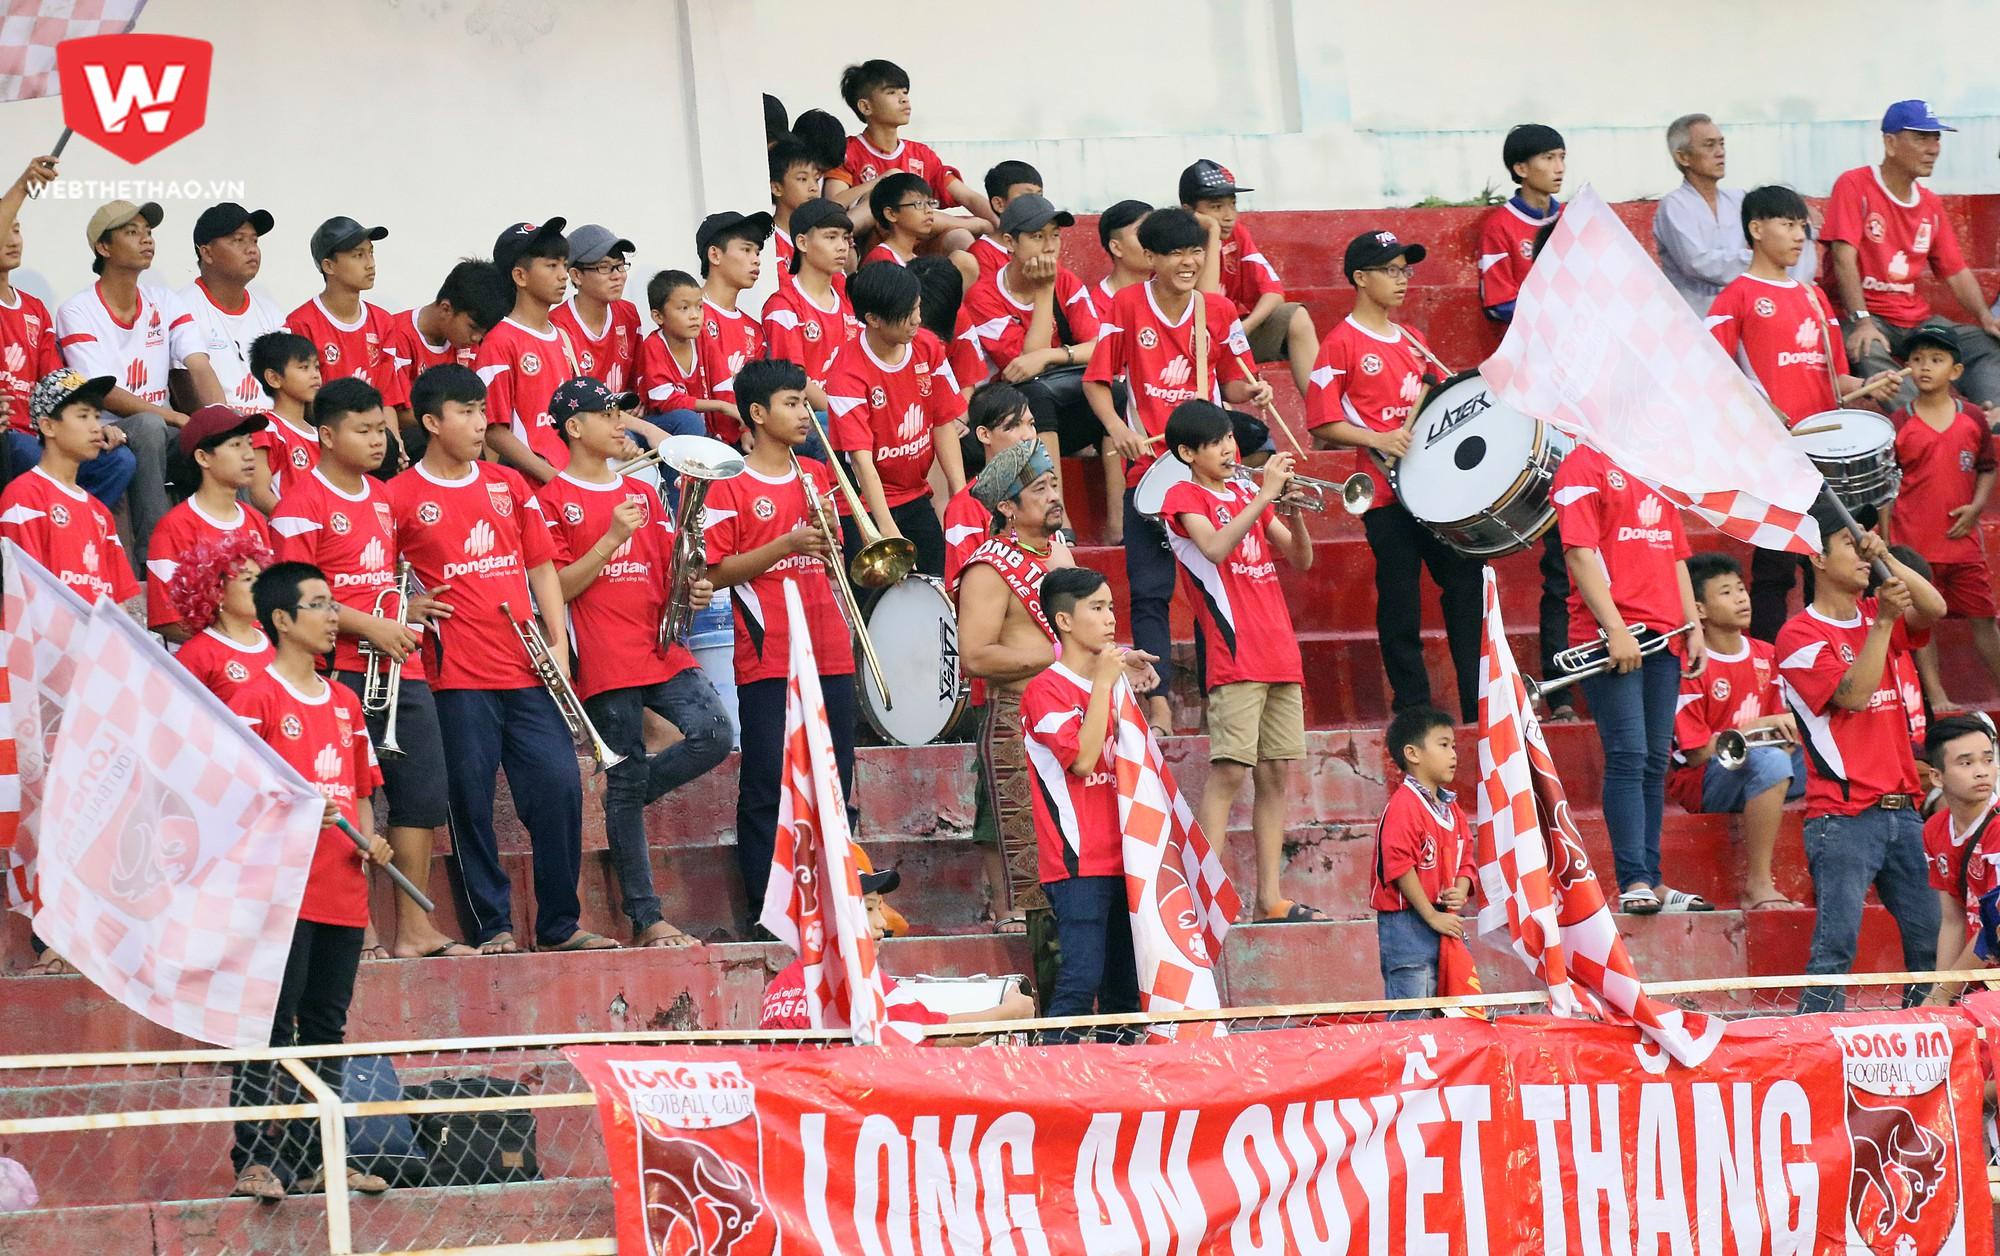 Khán giả Long An đang lo lắng cho số phận của đội nhà ở V.League 2017. Ảnh: Văn Nhân